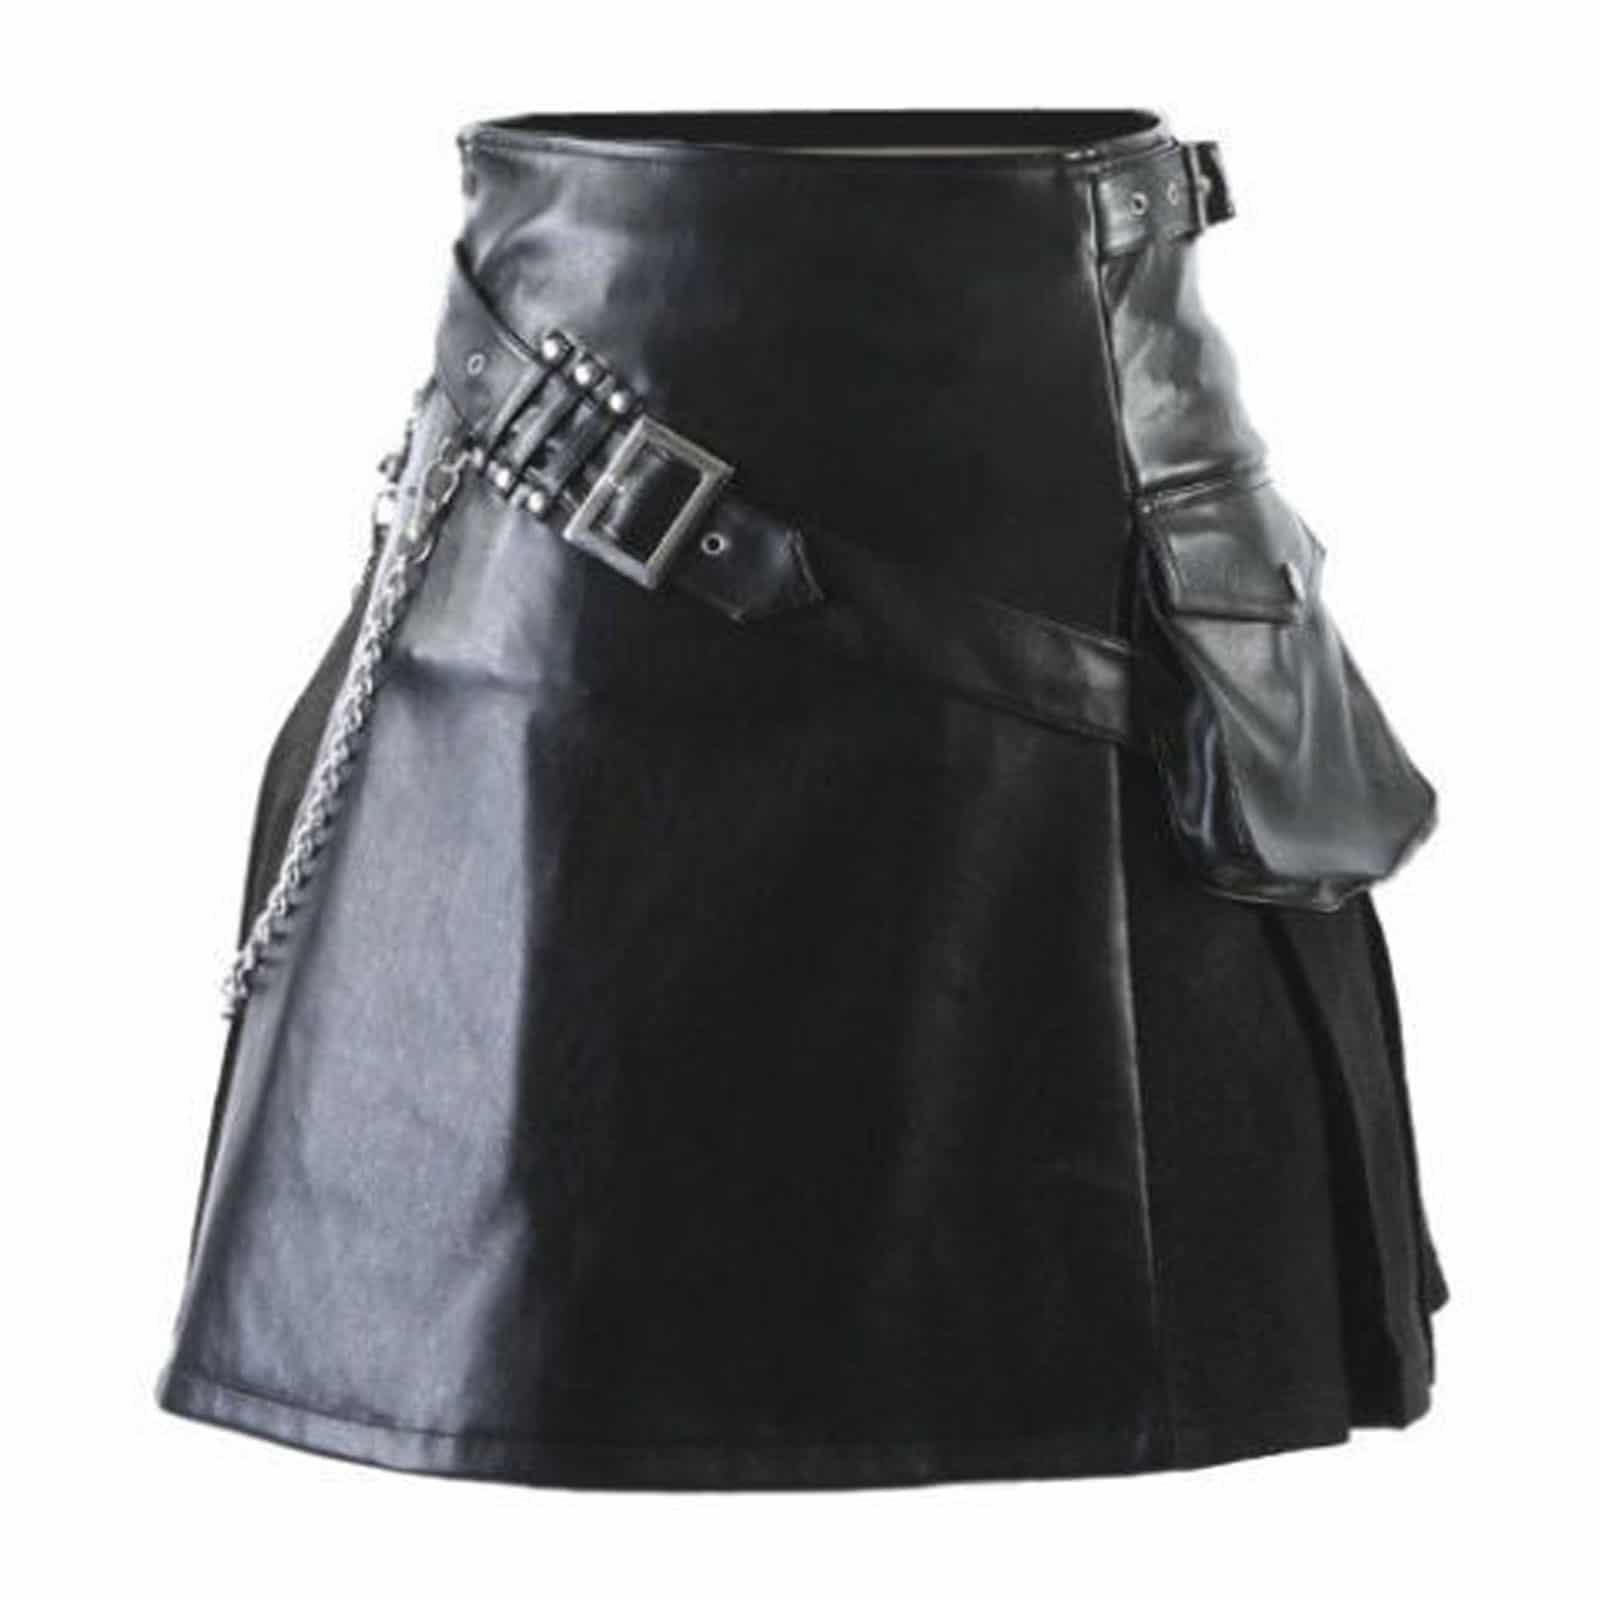 Stylish Cargo pocket kilt for mens and women sale price ExX8006tYJ